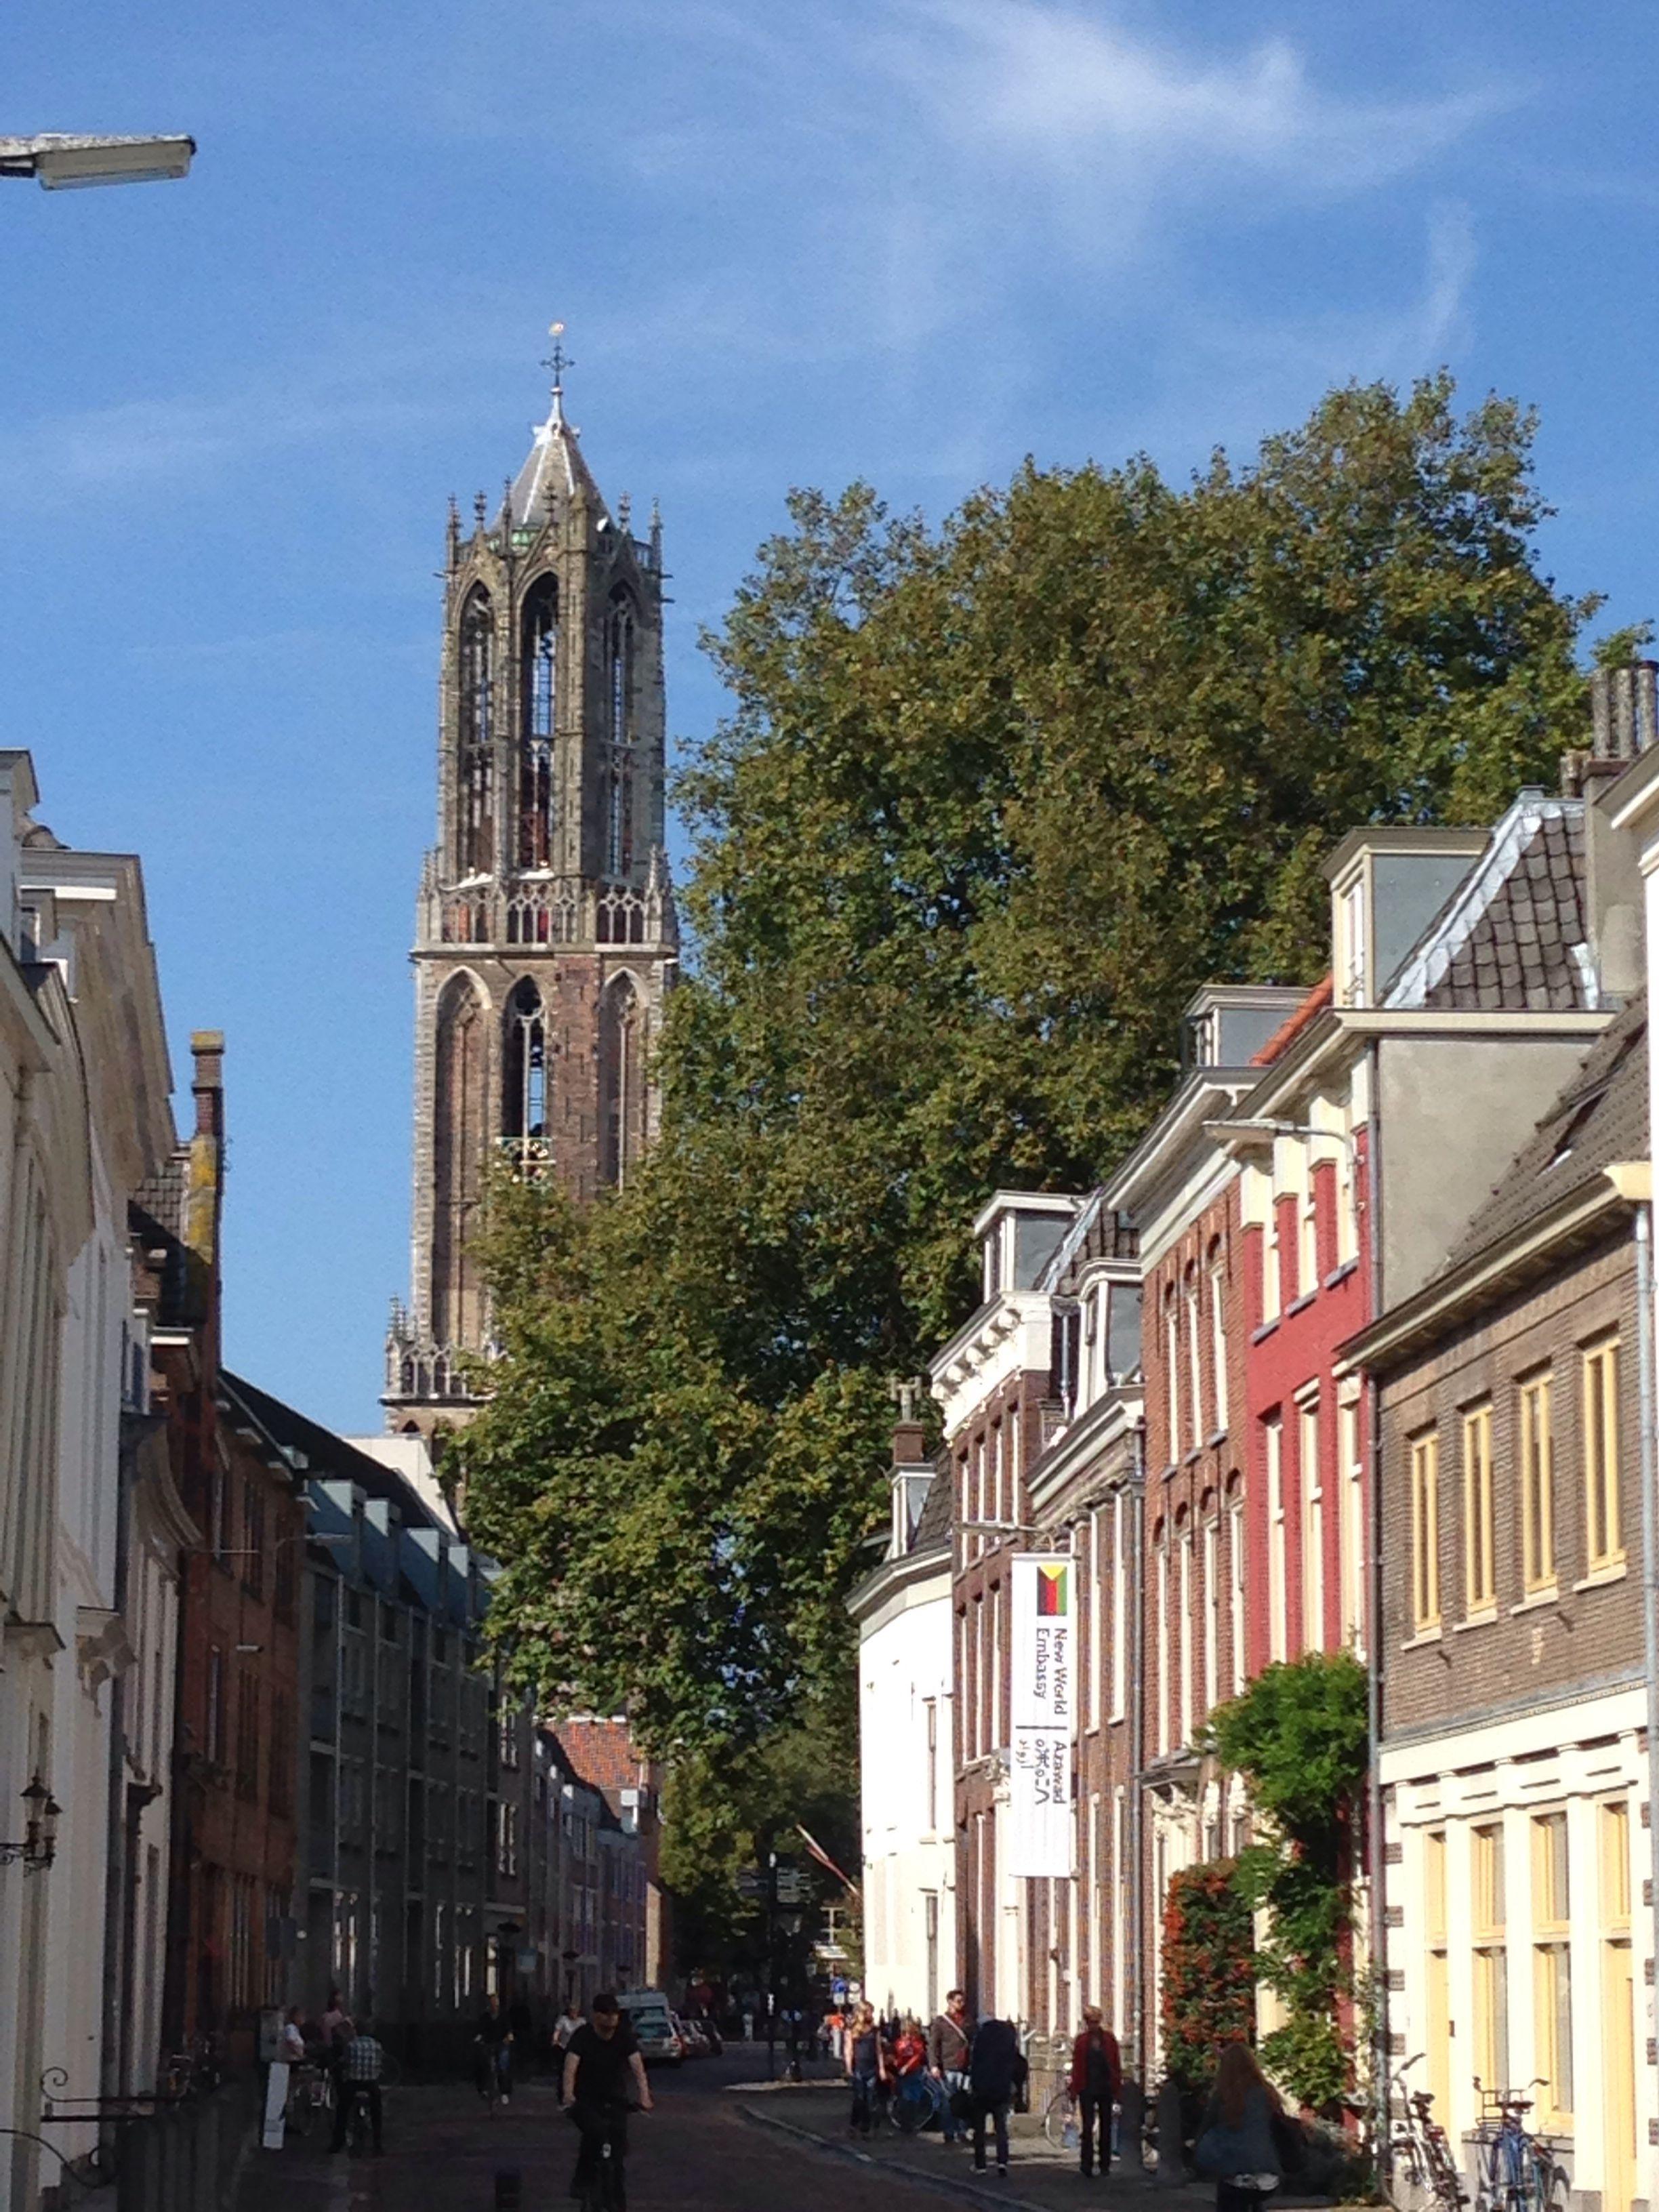 Lange Nieuwstraat, 15 October 2014